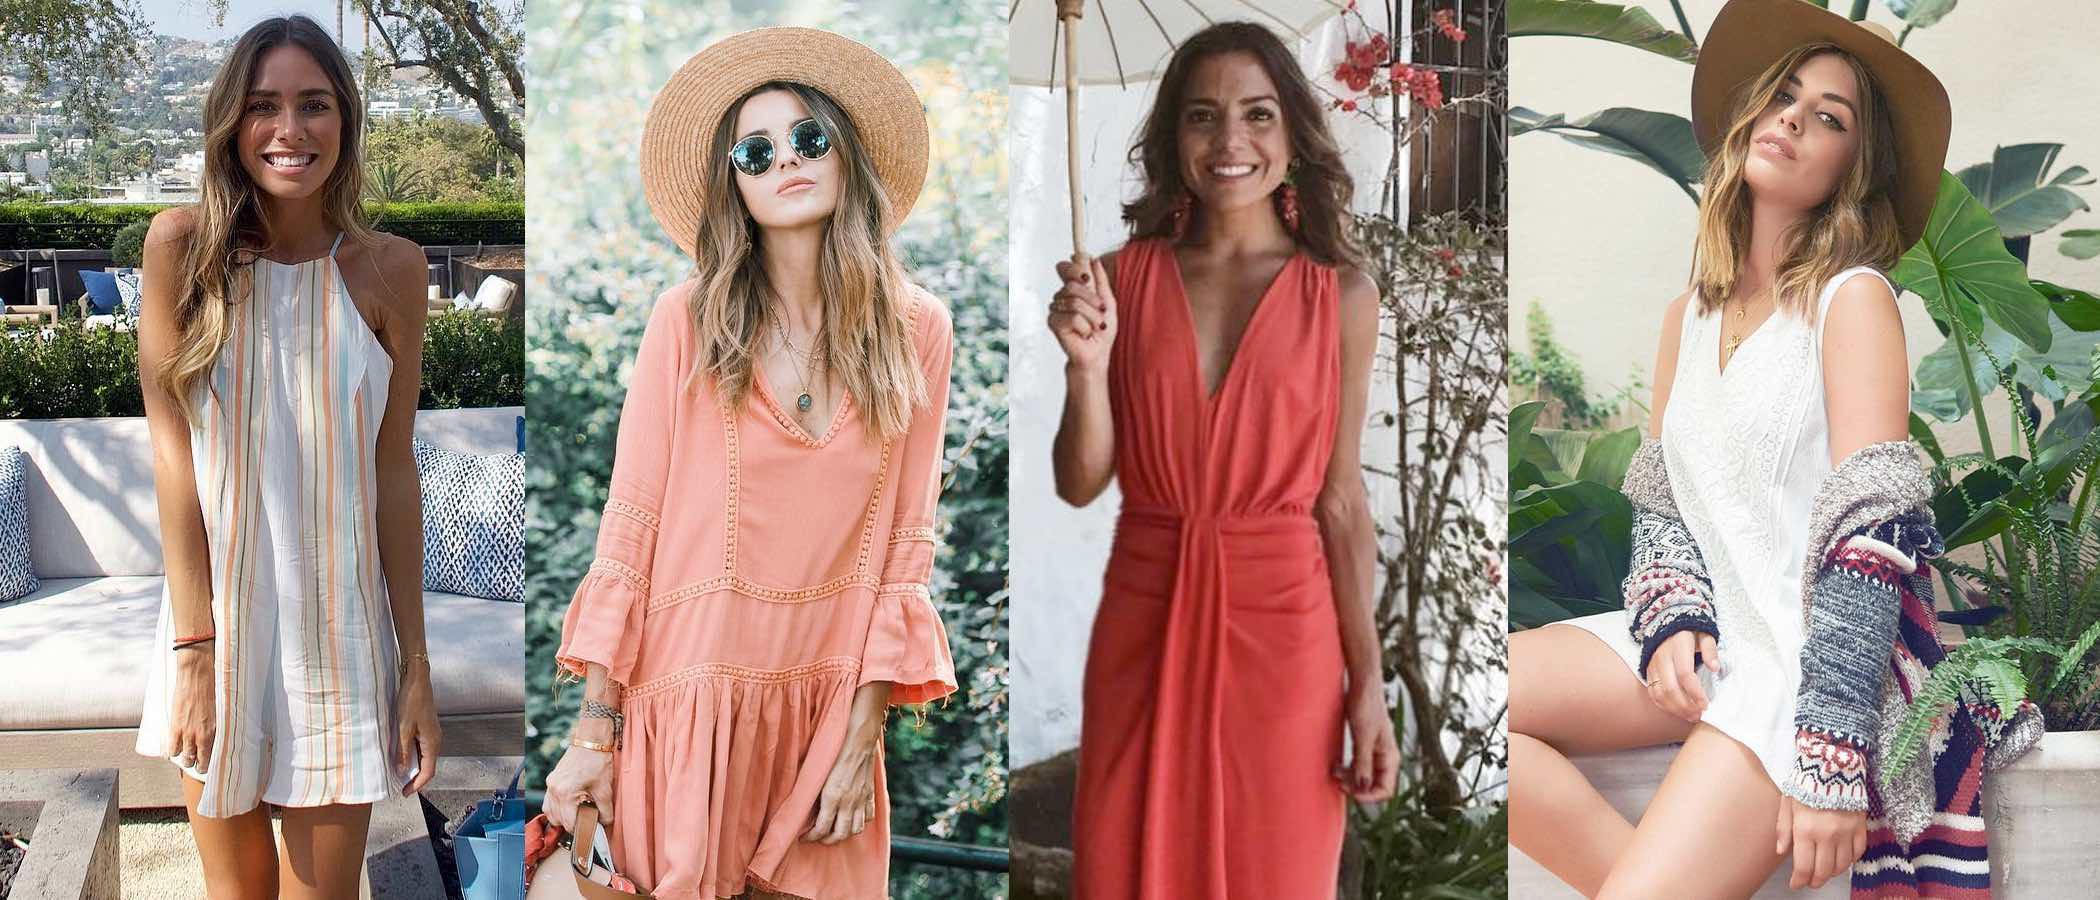 Las 10 blogueras de moda más populares